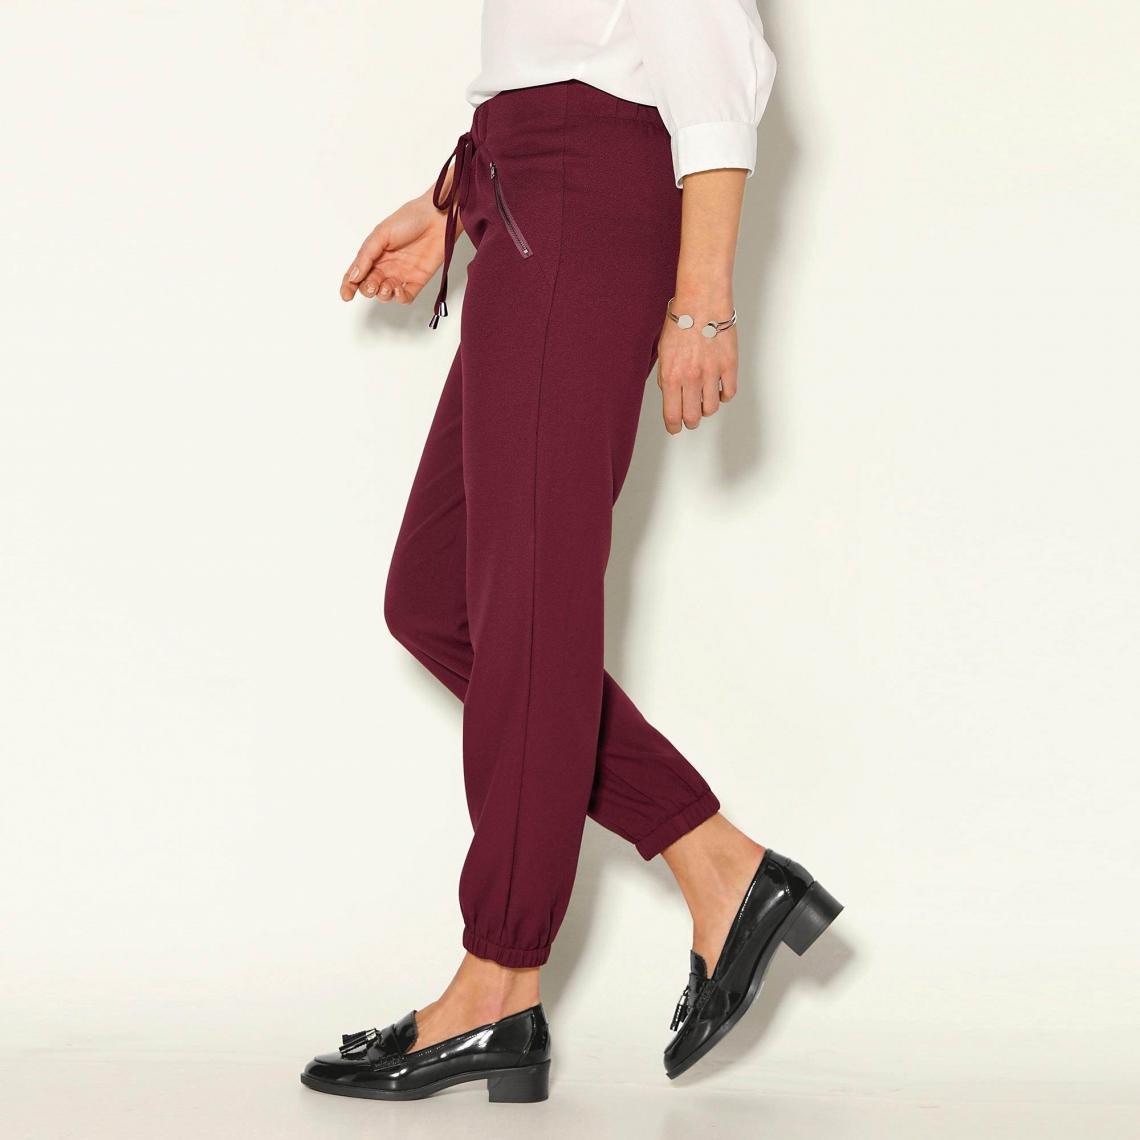 62c68ffecacc Pantalon taille et bas élastiqués froncés femme - Rouge Grenat 3 SUISSES  Femme